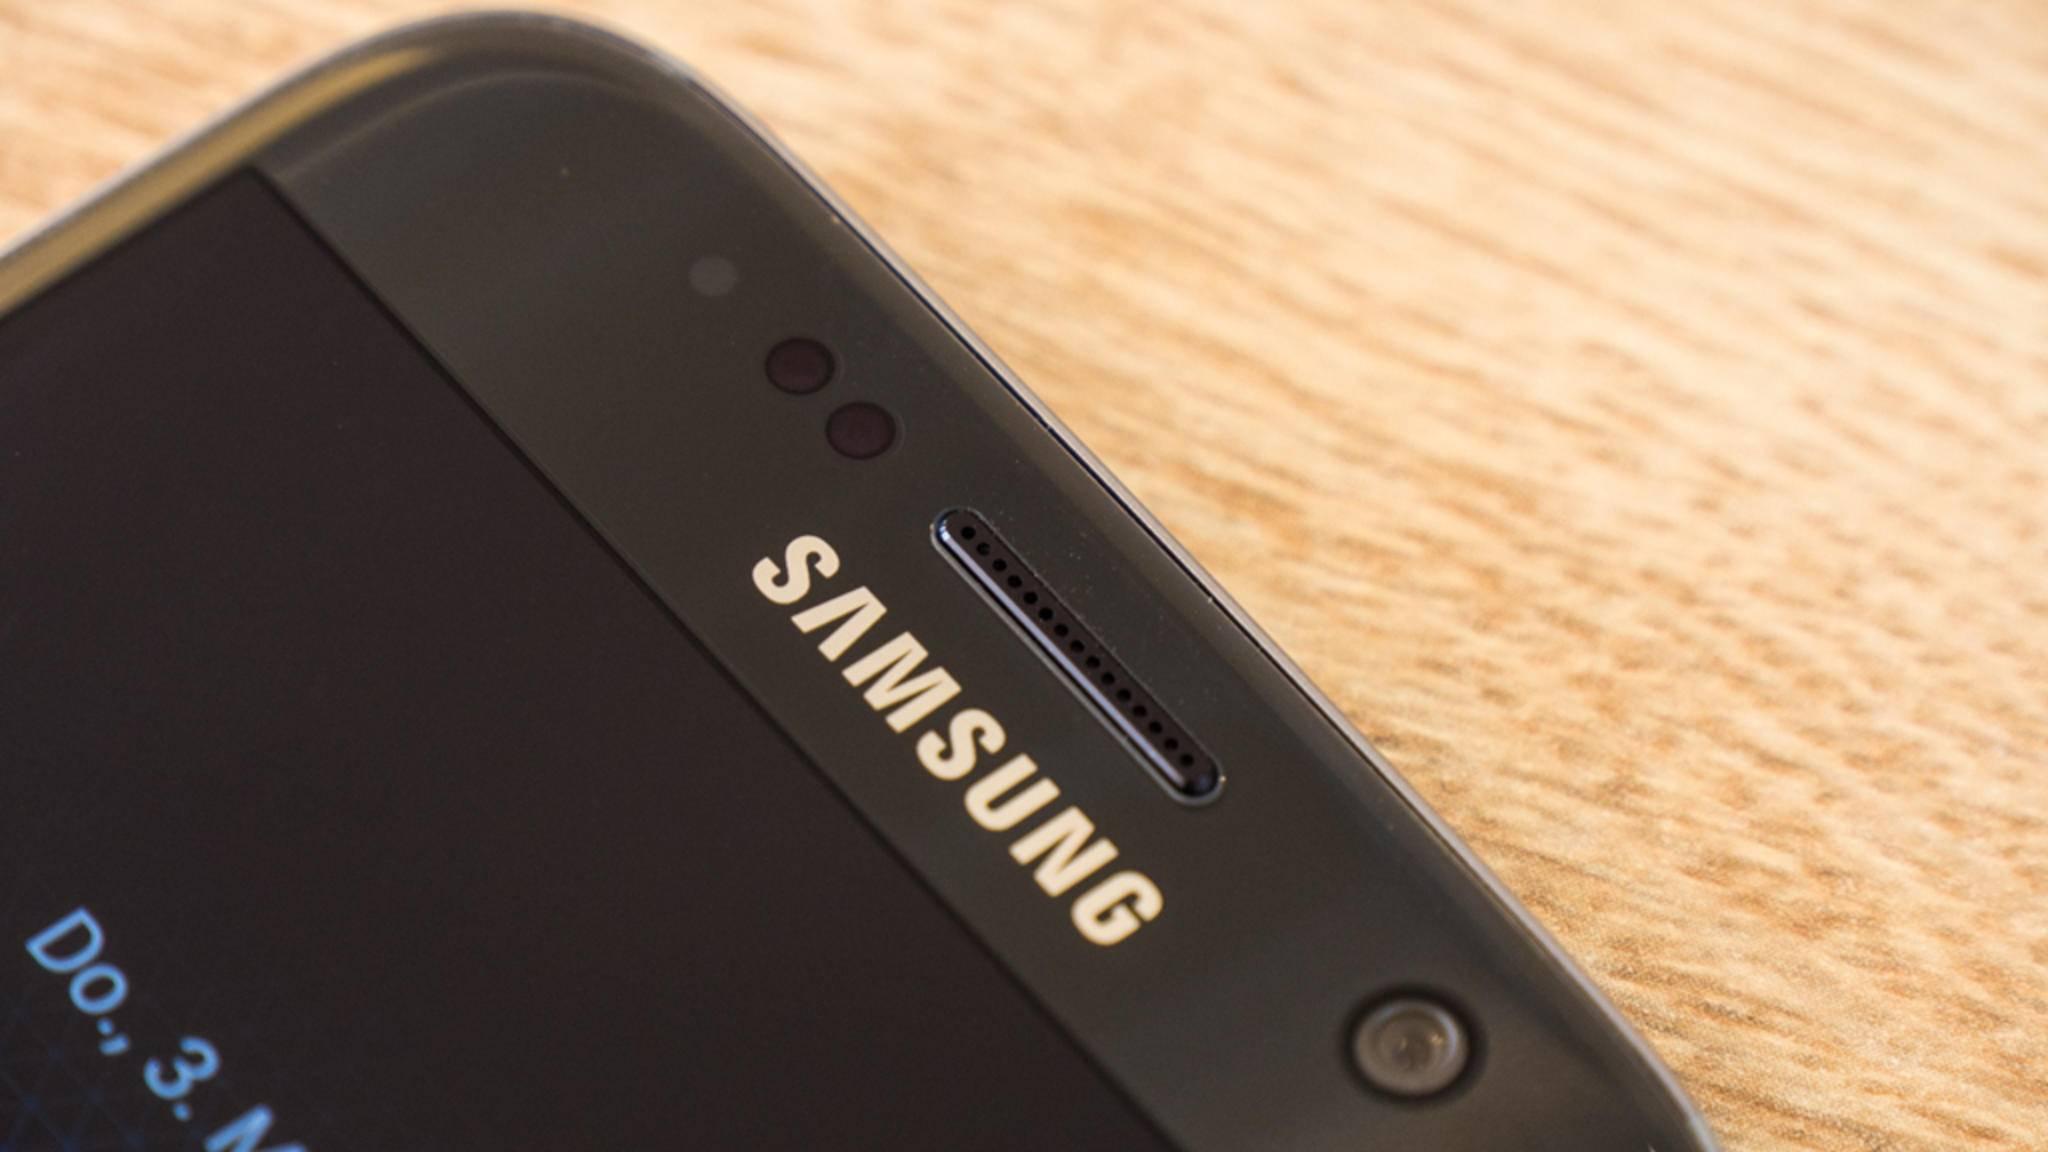 Das Samsung Galaxy S7 bekommt einen Patch für Blueborne.